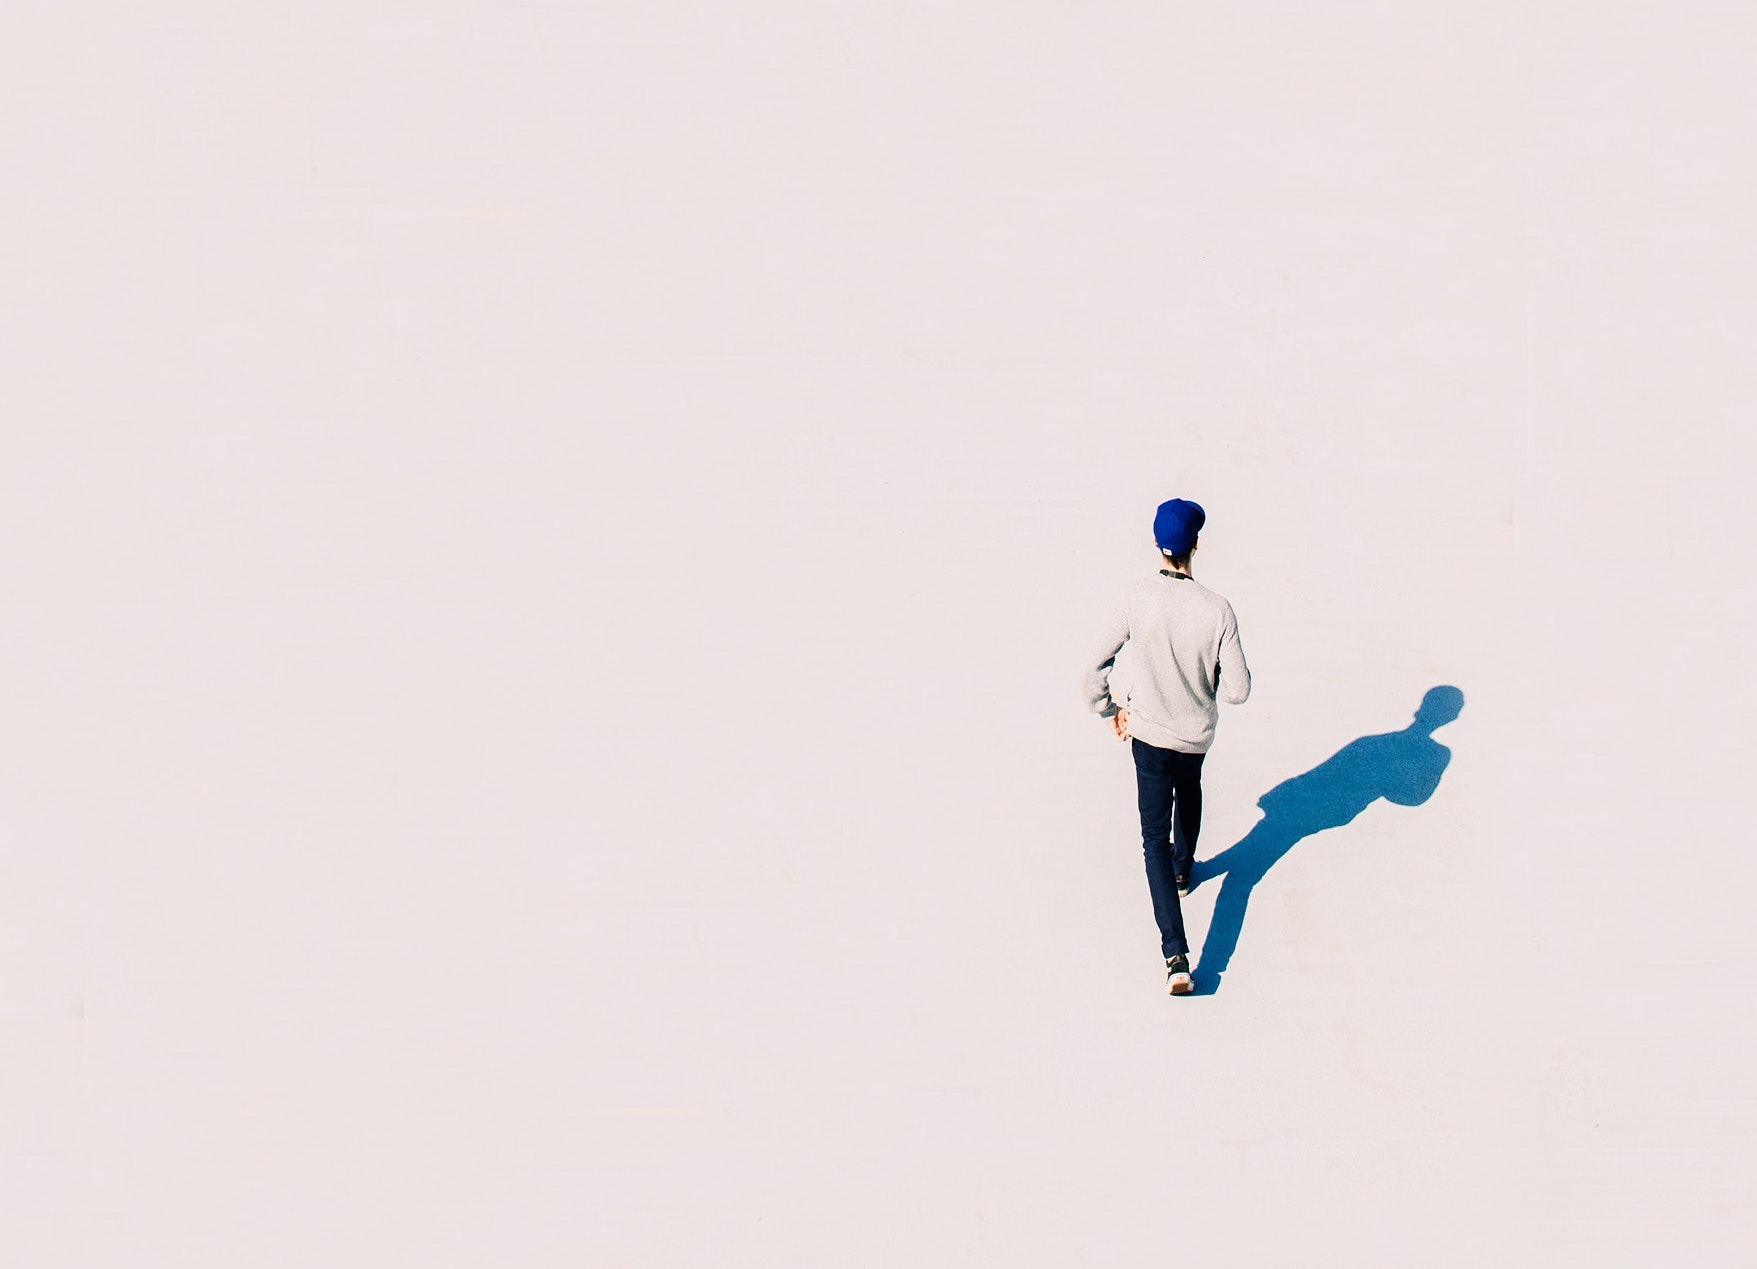 Penso#14 – Aquele sobre como lidar com a adversidade